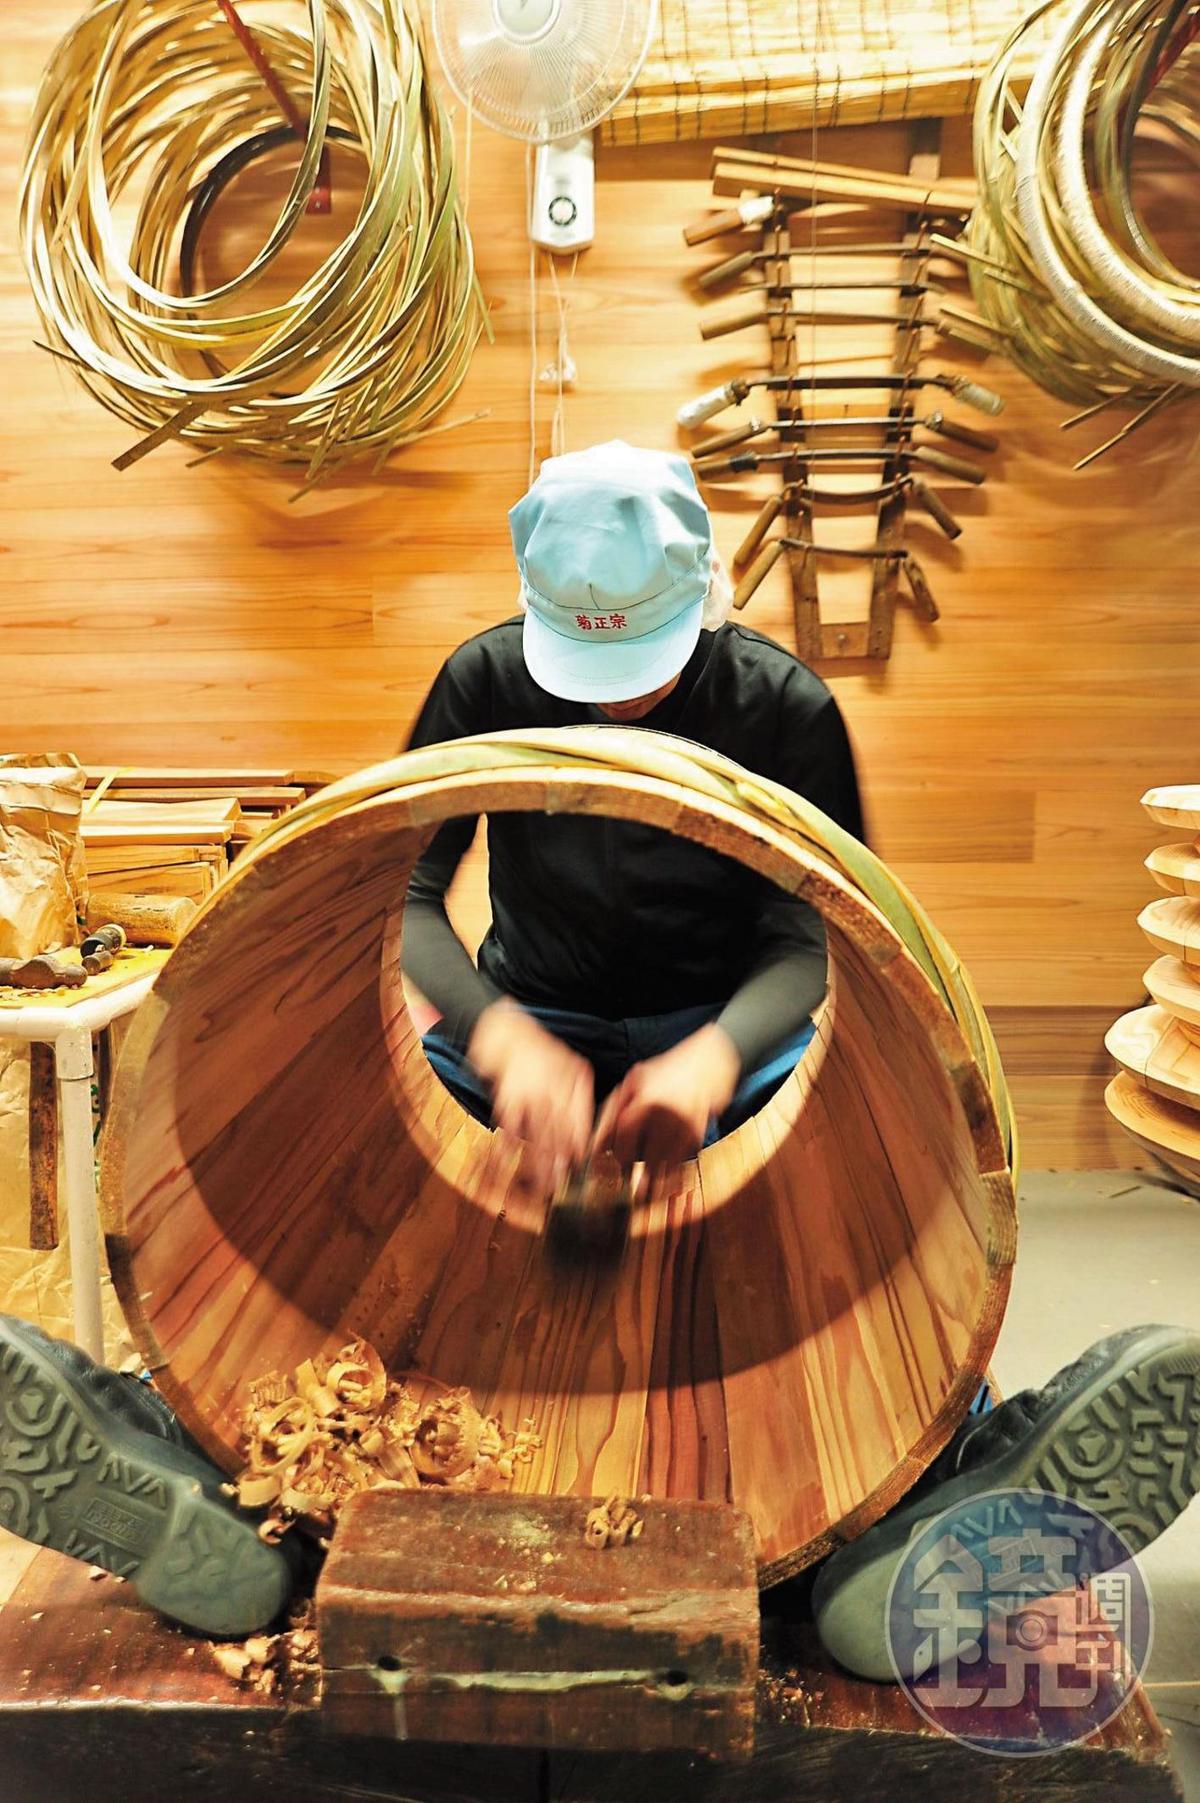 江戶時期清酒從灘五鄉運到關東,就是放在木樽裡,菊正宗今年成立樽博物館,找來專屬的製樽工匠,歡迎消費者入內見學。